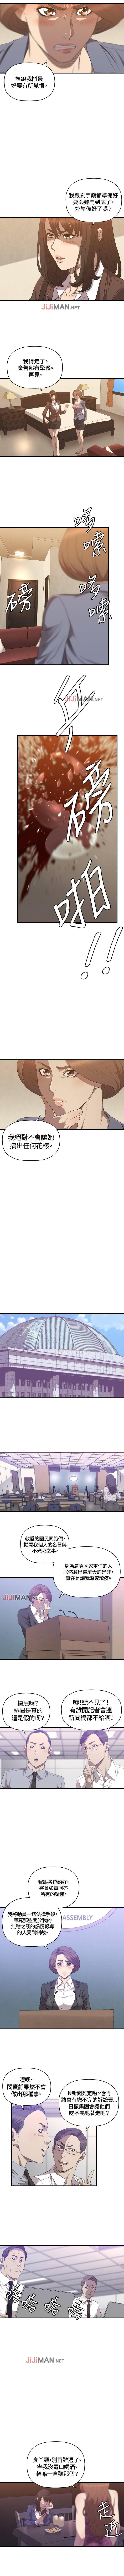 【已完结】索多玛俱乐部(作者:何藝媛&庫奈尼) 第1~32话 123